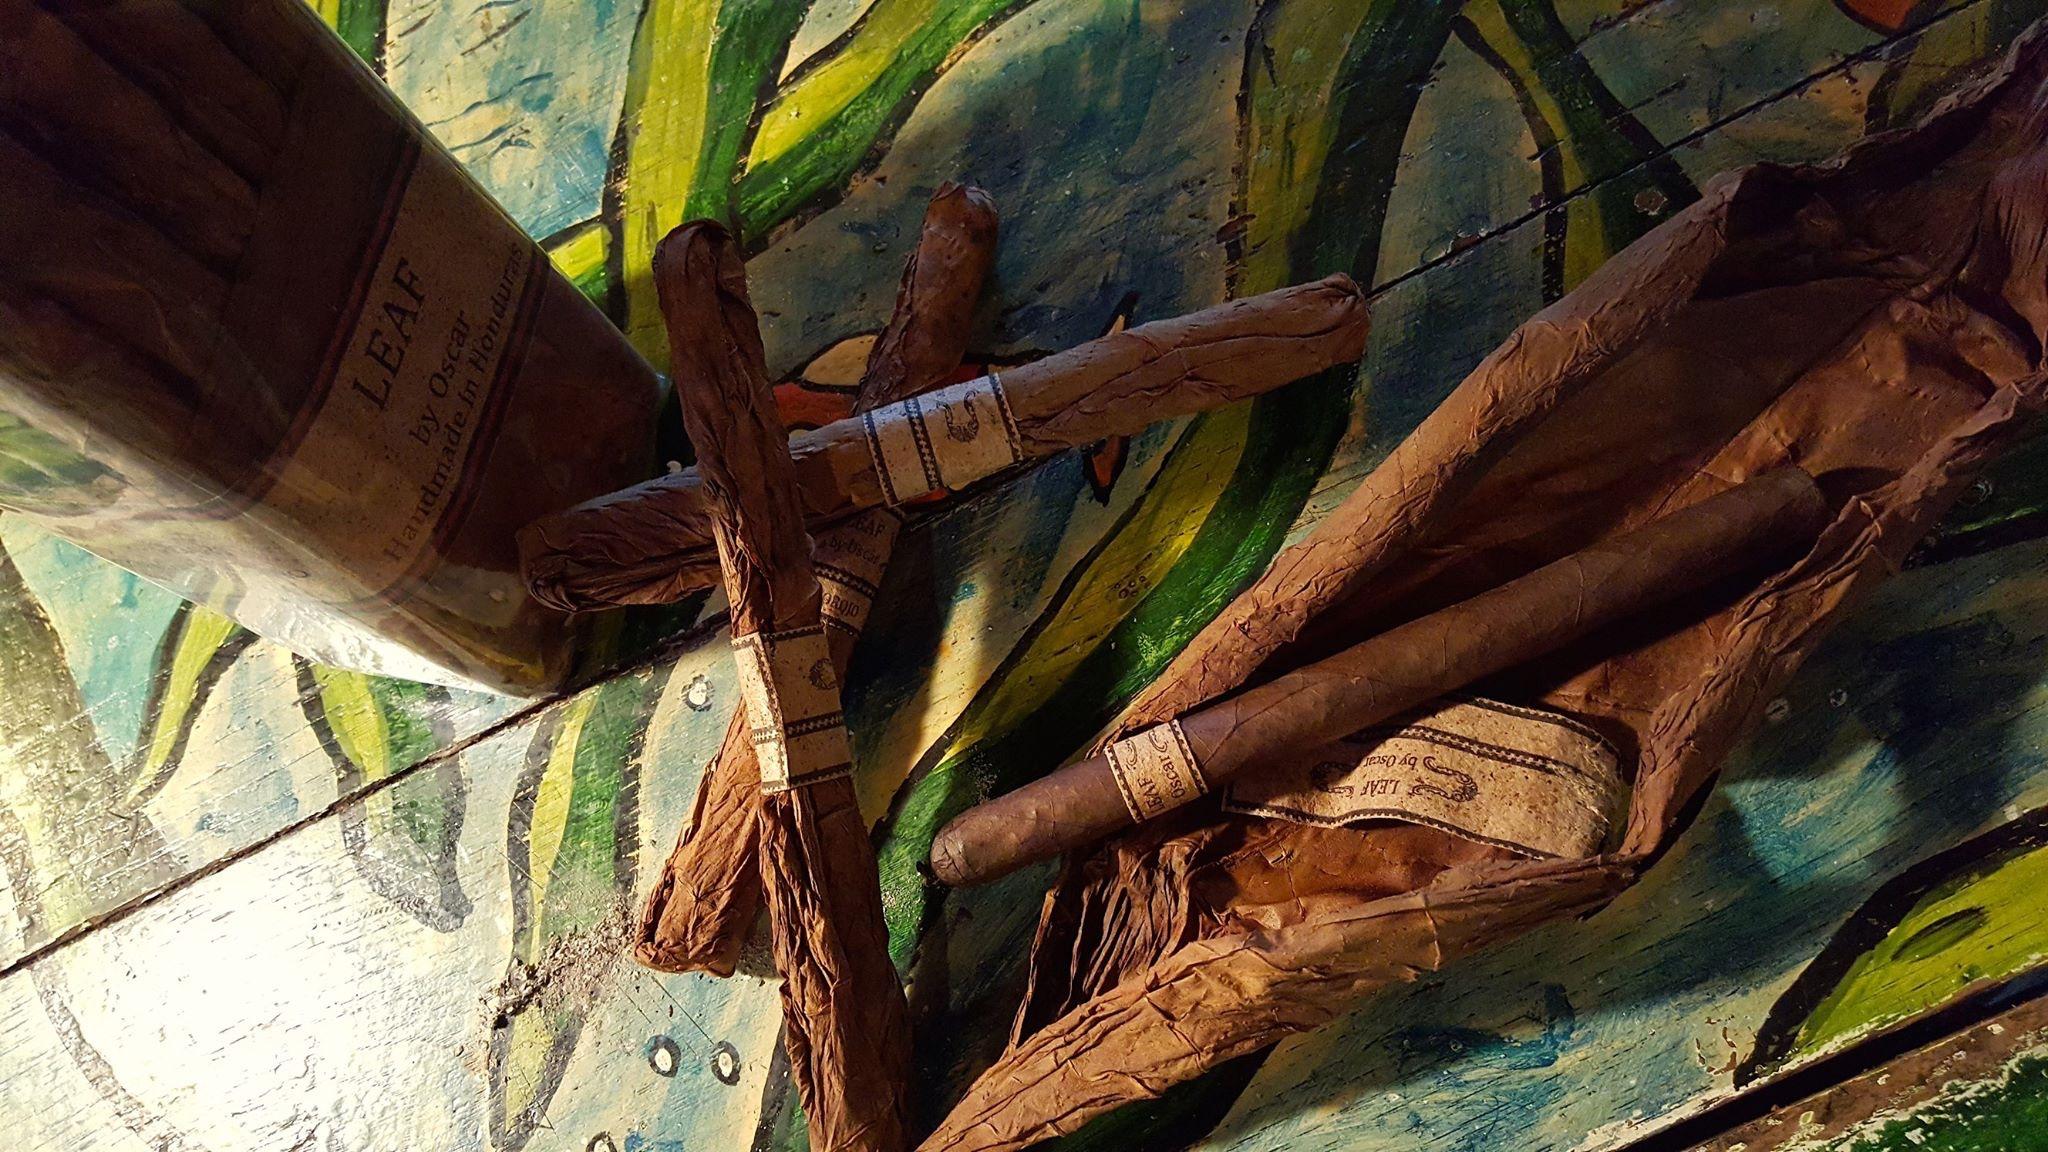 Cigar News: Leaf by Oscar Lancero